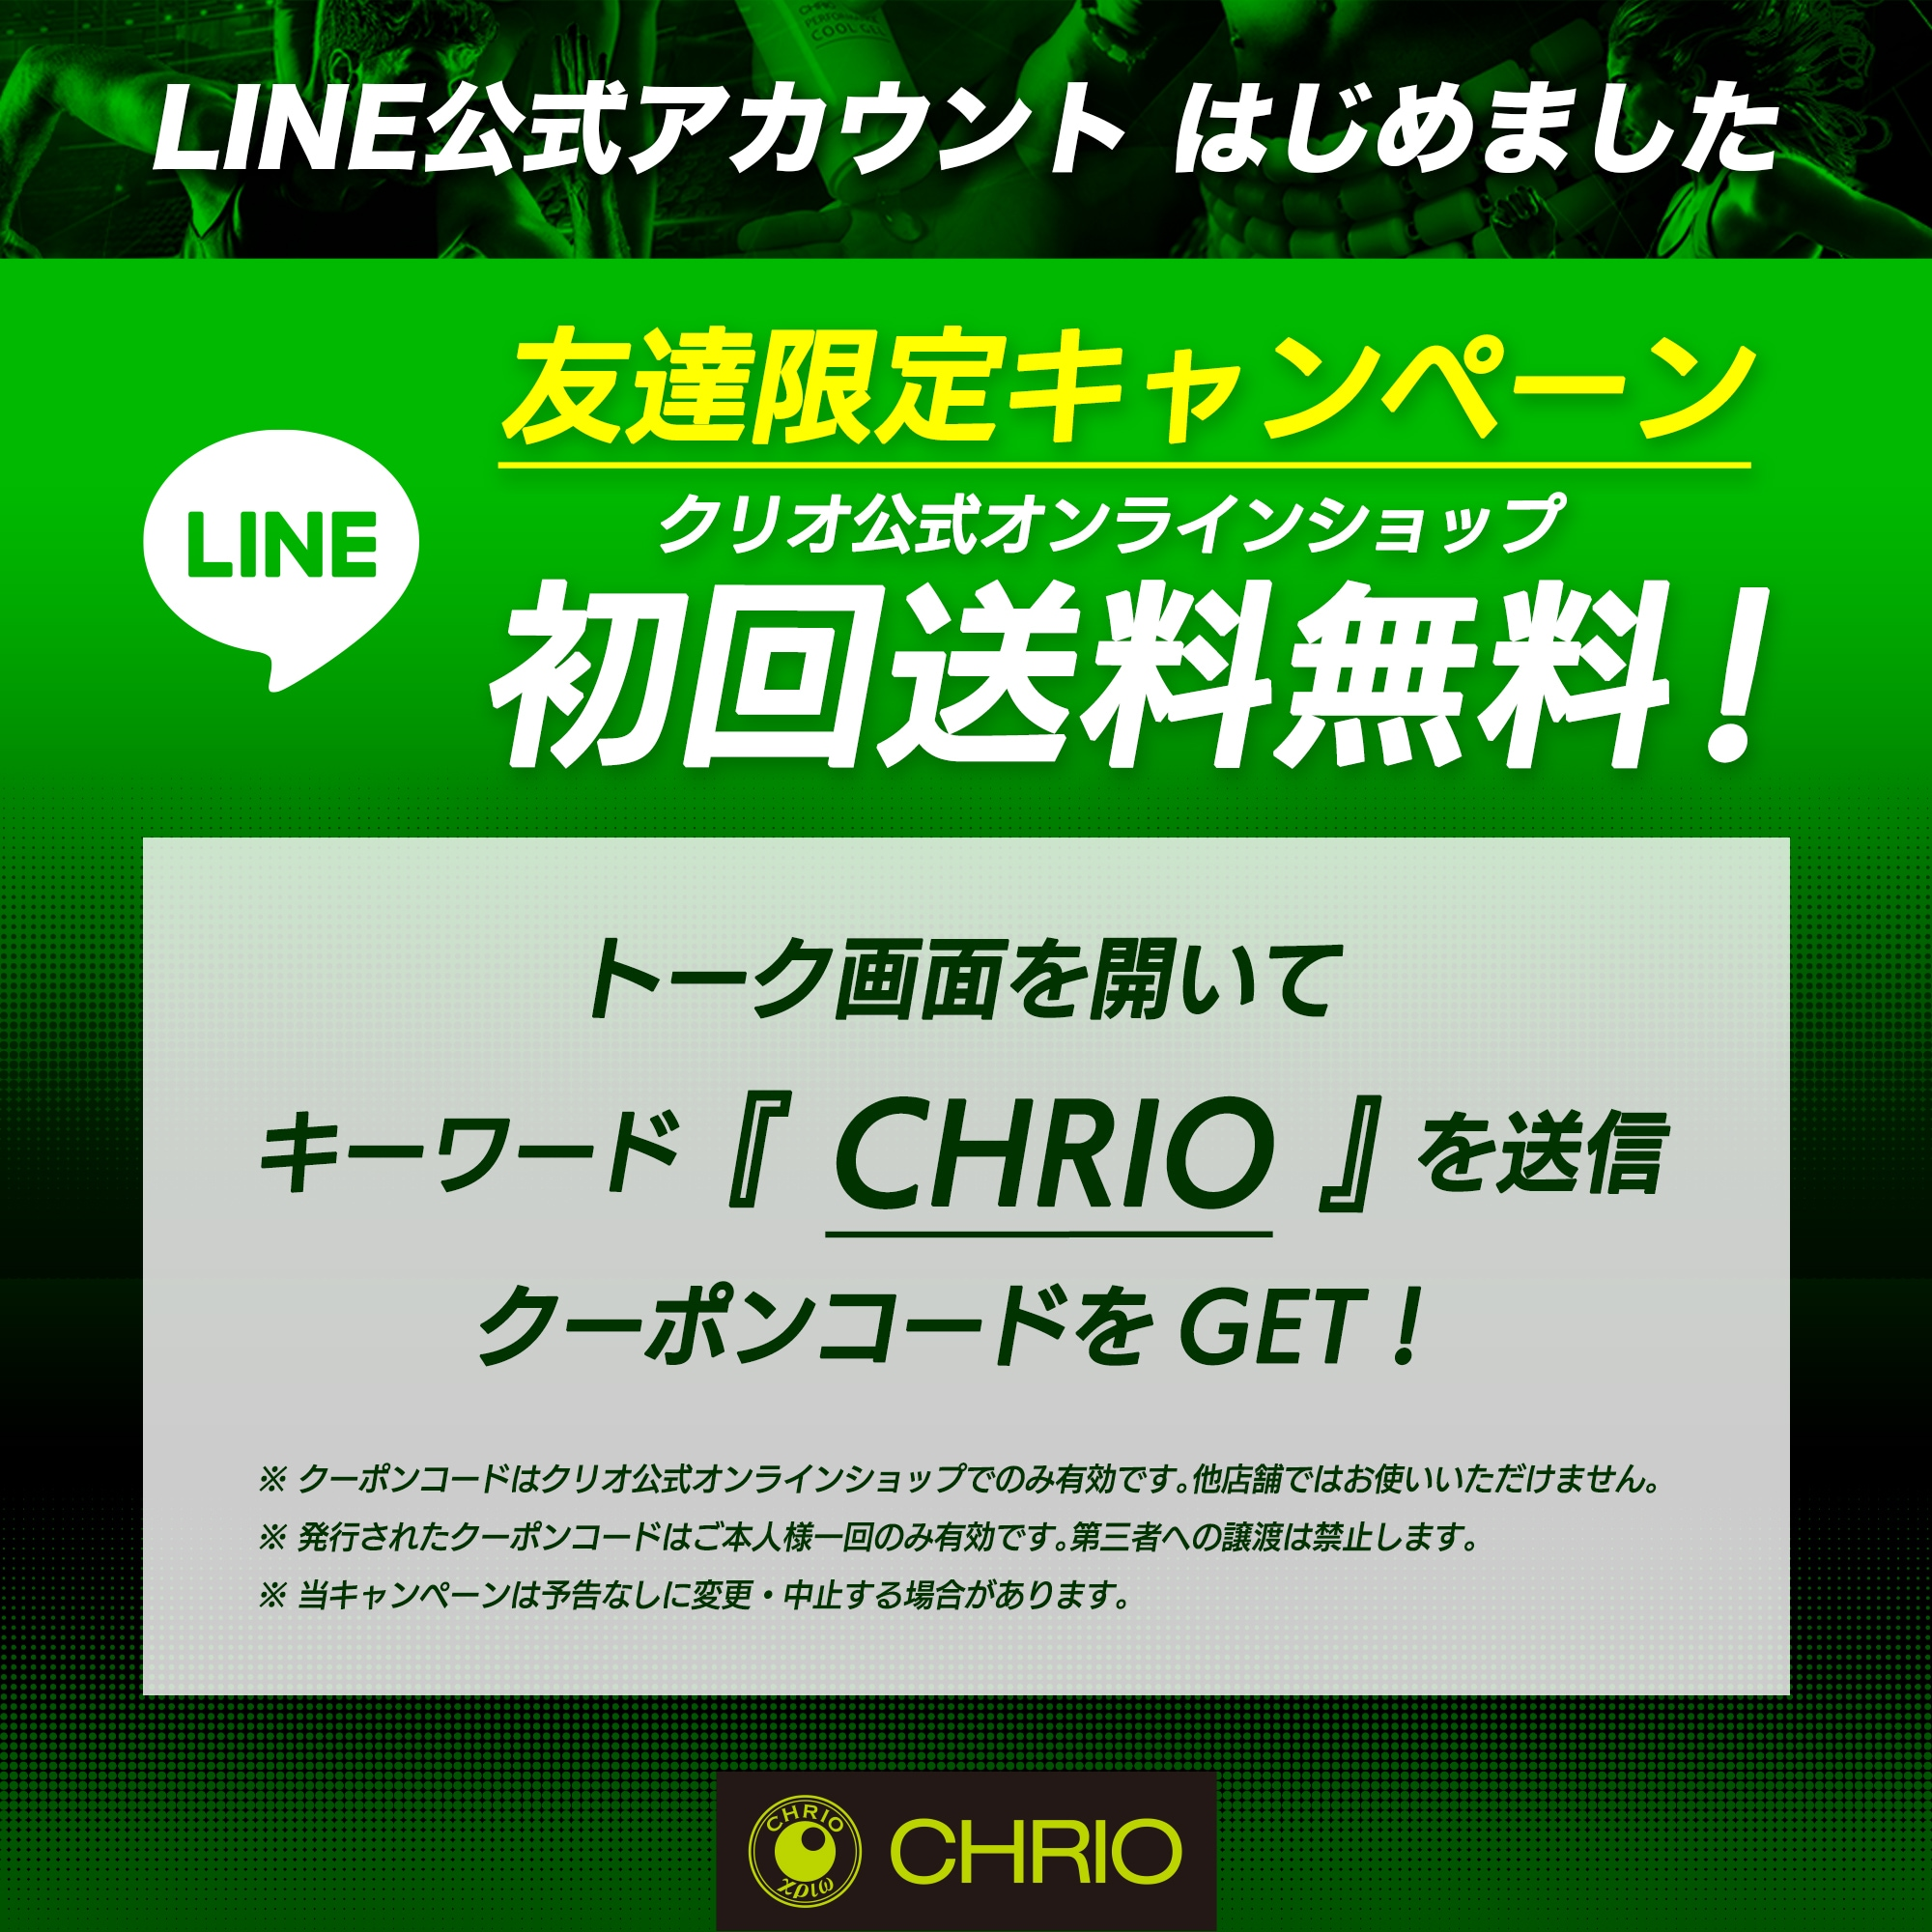 クリオLINE公式アカウント 友だち連携で初回送料無料クーポンGET!!